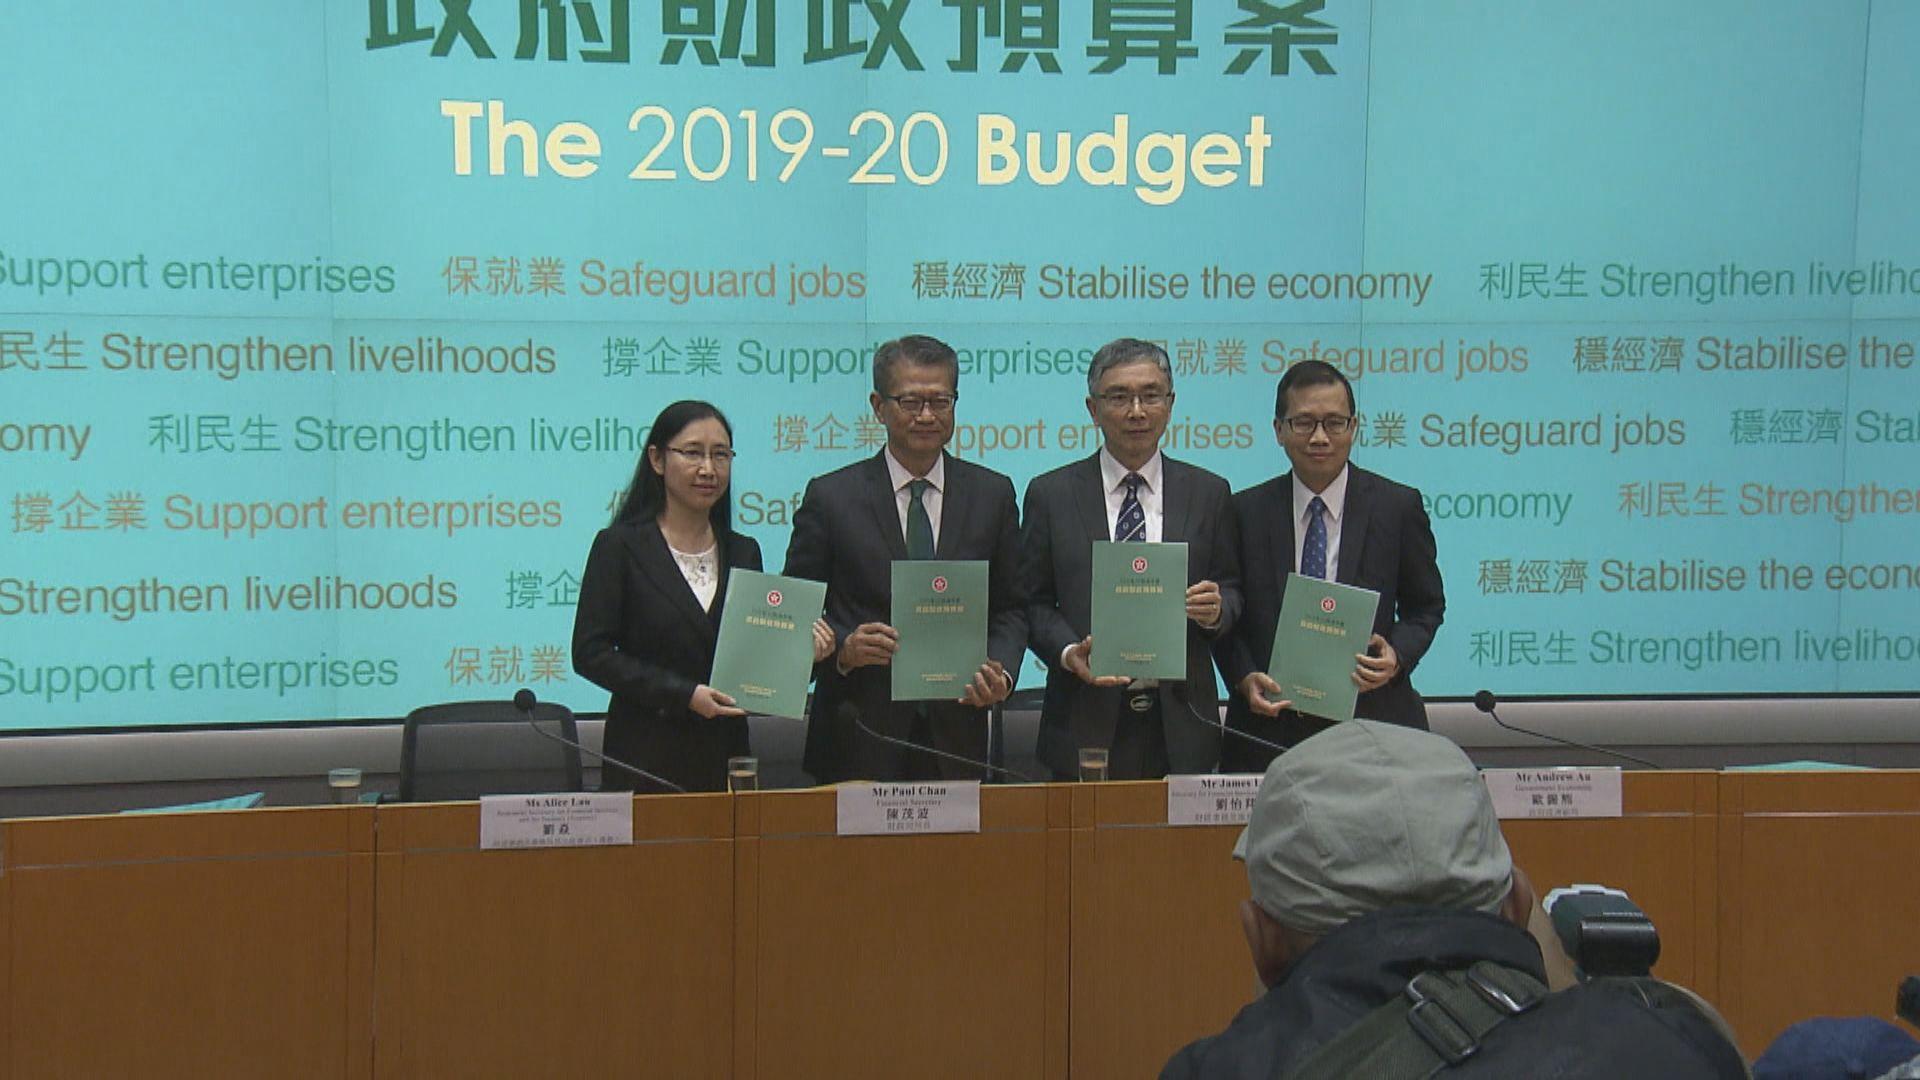 陳茂波:本年度或現赤字但政府不會削減開支